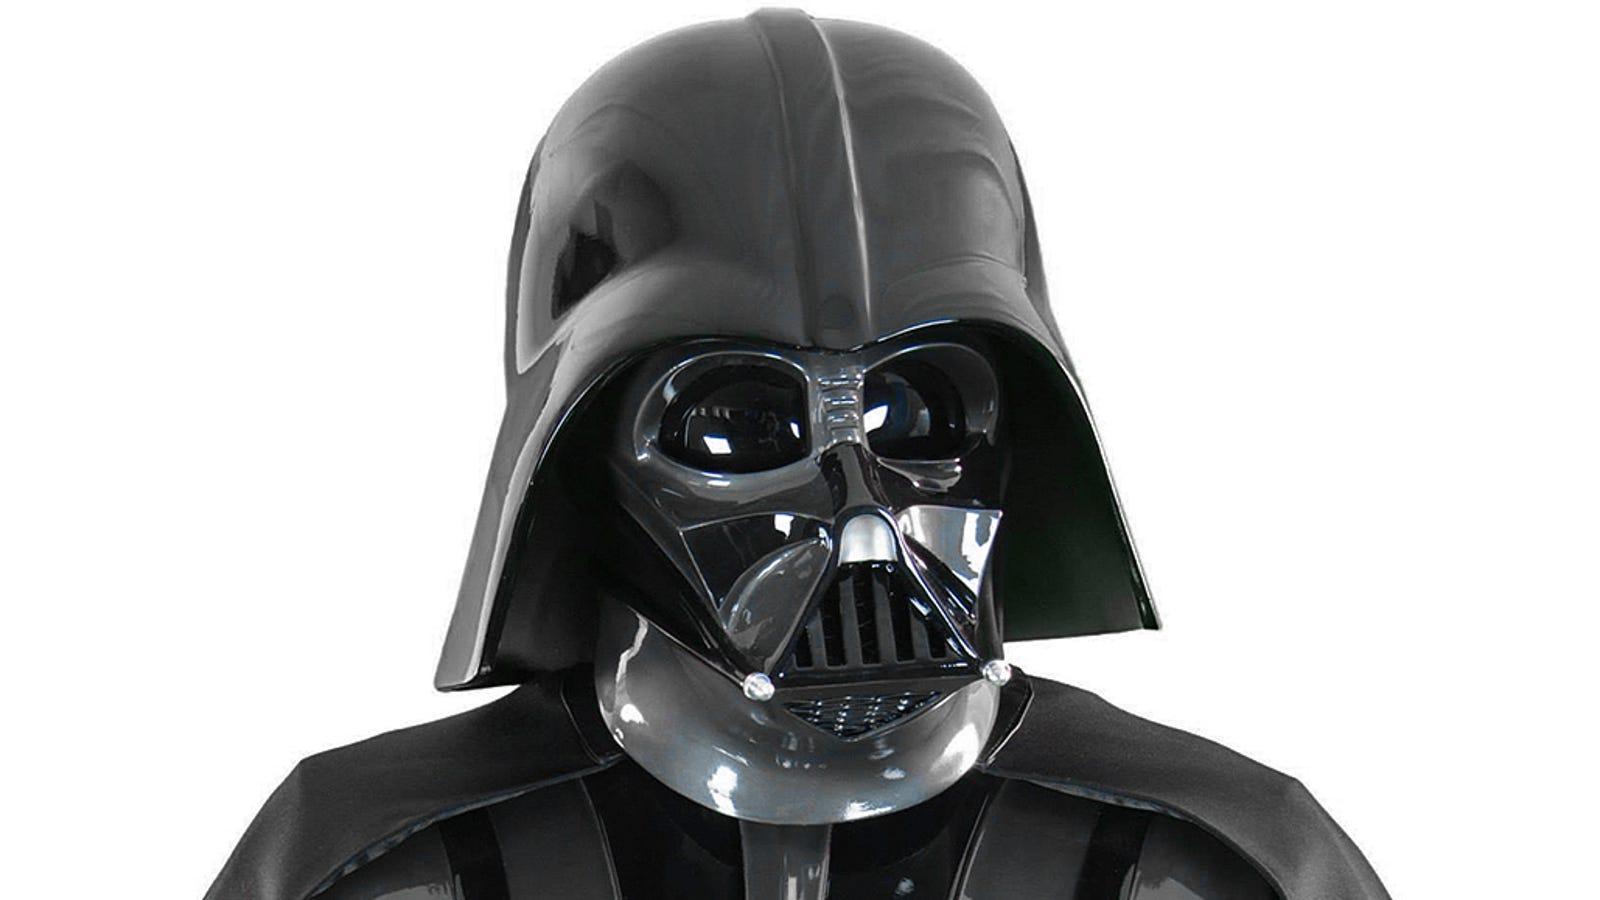 Hasta el ruido de la respiración de Darth Vader es una marca registrada